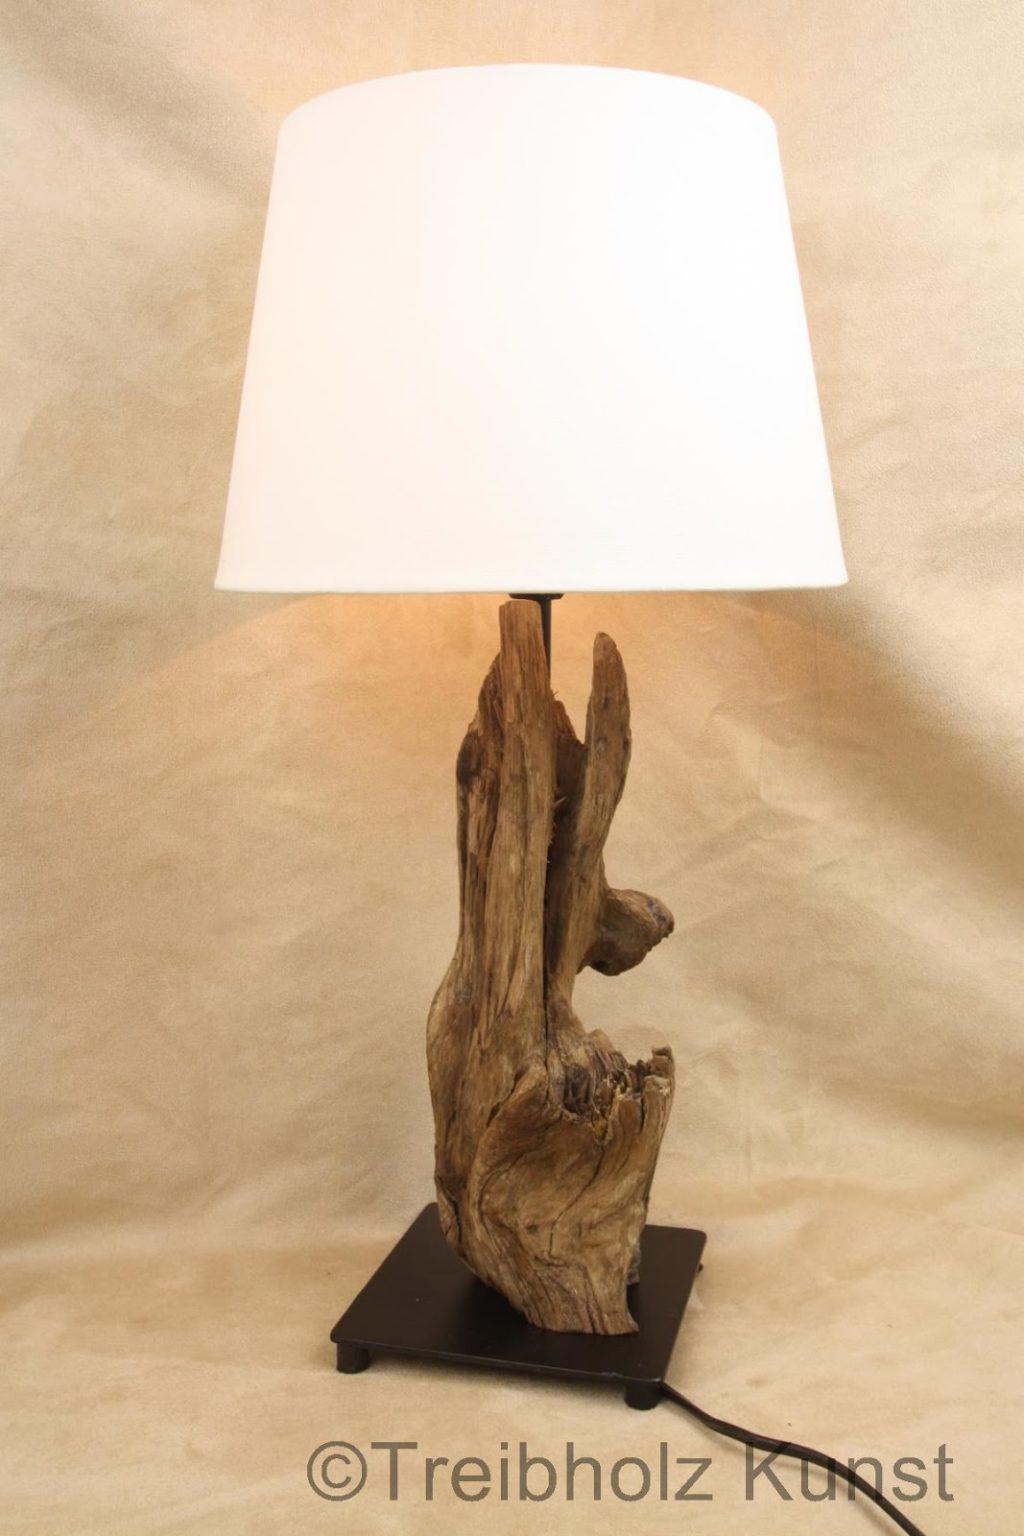 Full Size of Lampe Selber Bauen Holz Mit Holzstamm Machen Lampen Aus Holzbalken Selbst Holzklotz Holzbrett Einzigartige Treibholz Zum Wohnzimmer Deckenlampe Badezimmer Wohnzimmer Lampe Selber Bauen Holz